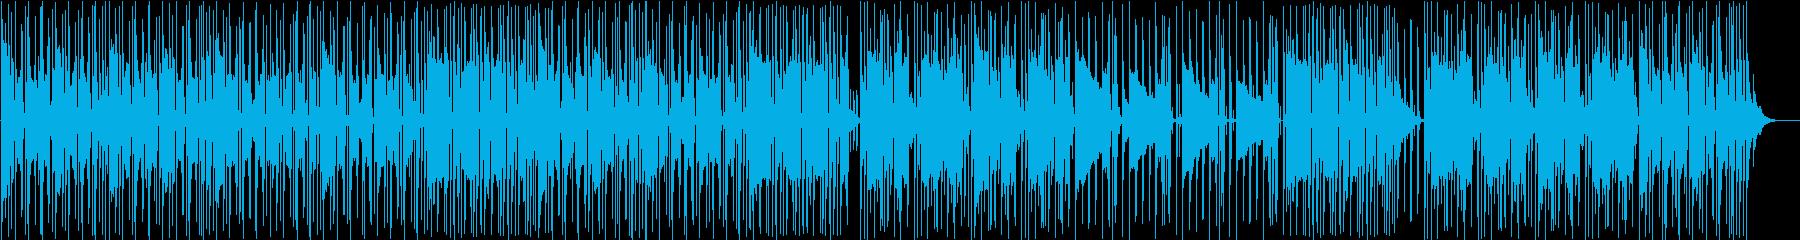 ダークな、重たいイメージのインスト曲。の再生済みの波形